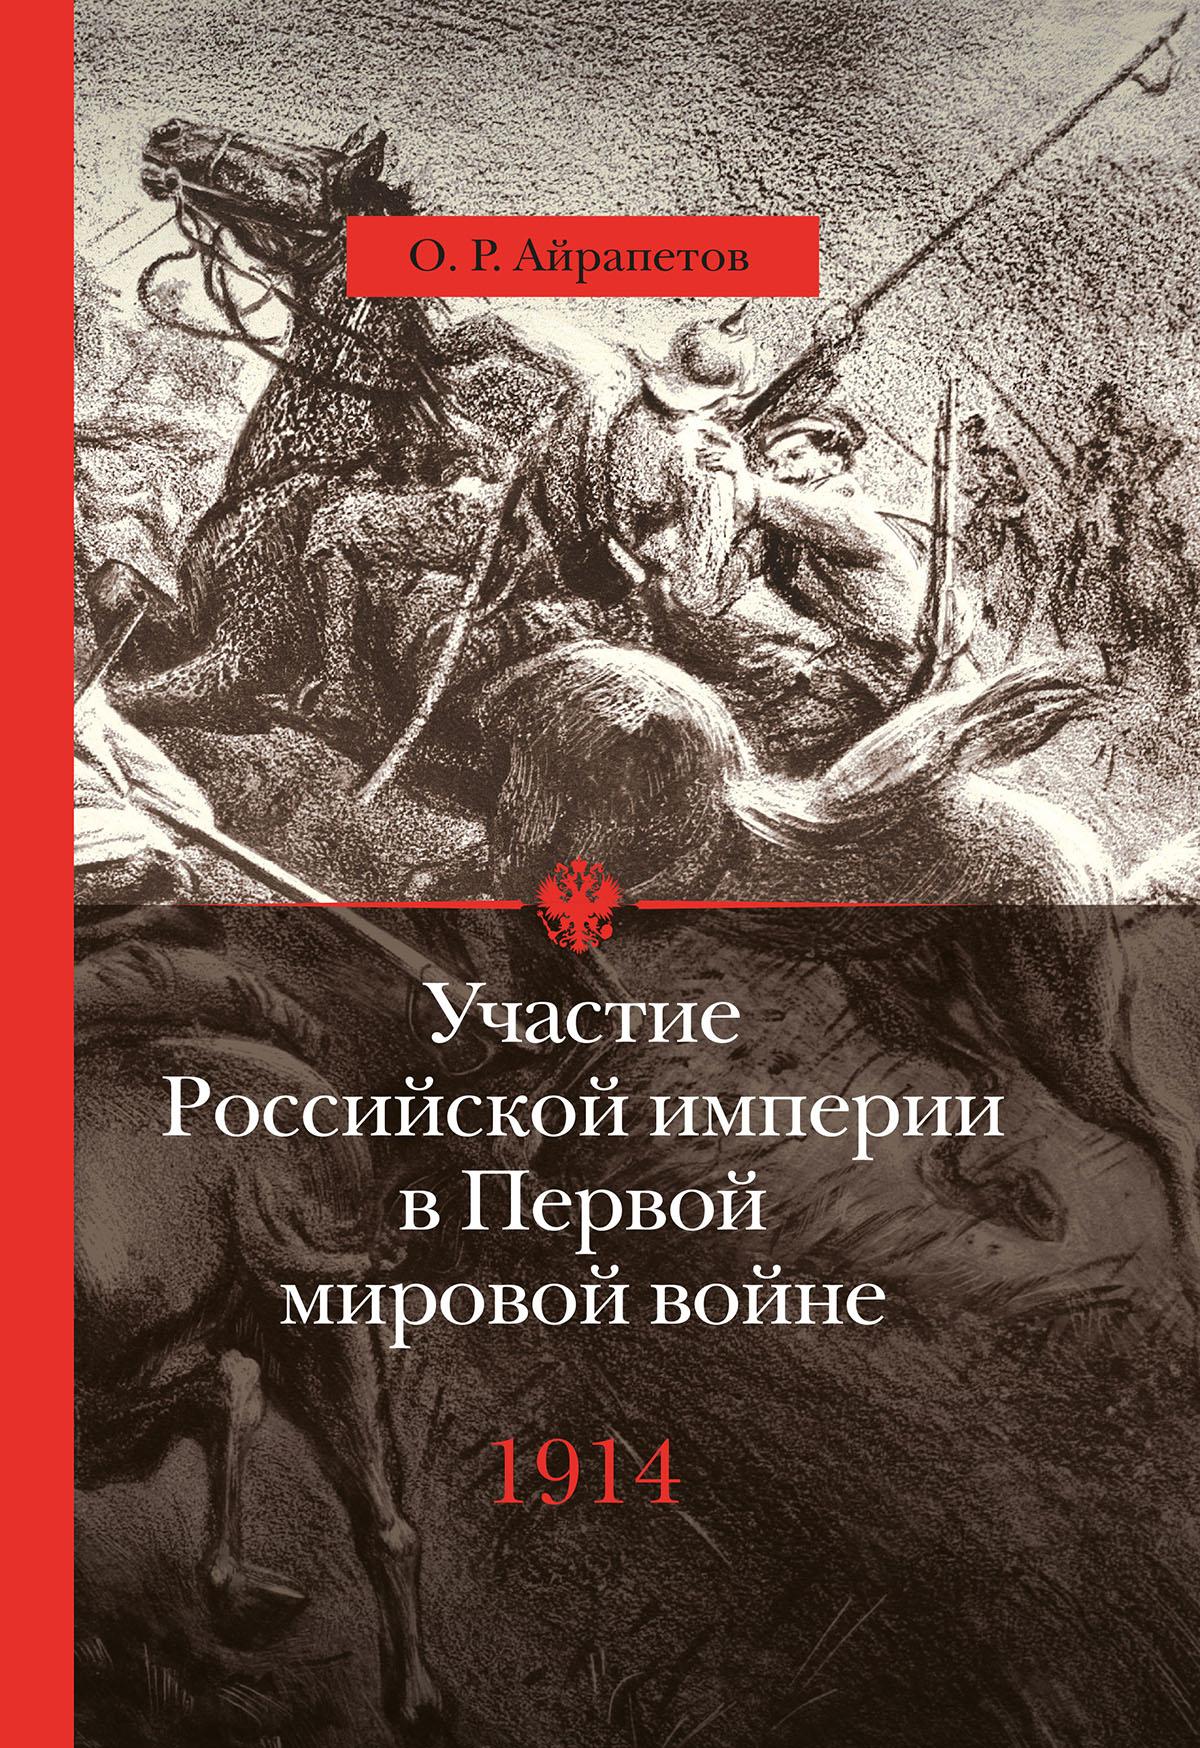 Участие Российской империи в Первой мировой войне (1914–1917). 1914 год. Начало